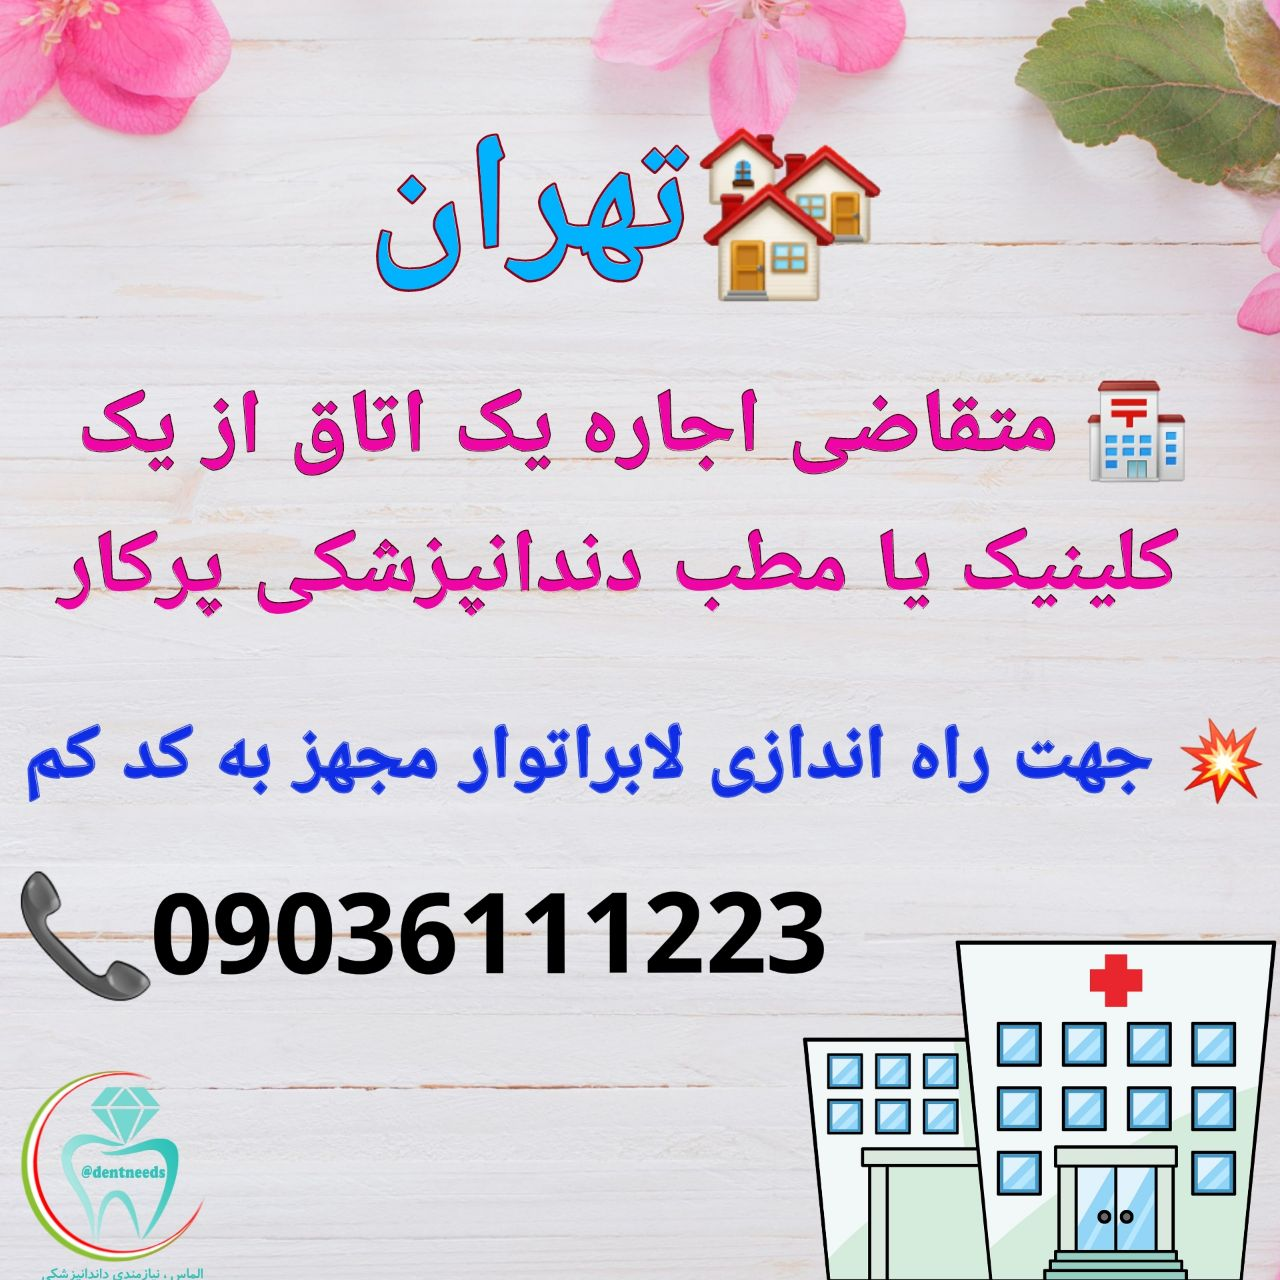 تهران، متقاضی اجاره یک اتاق از یک کلینیک یا مطب دندانپزشکی